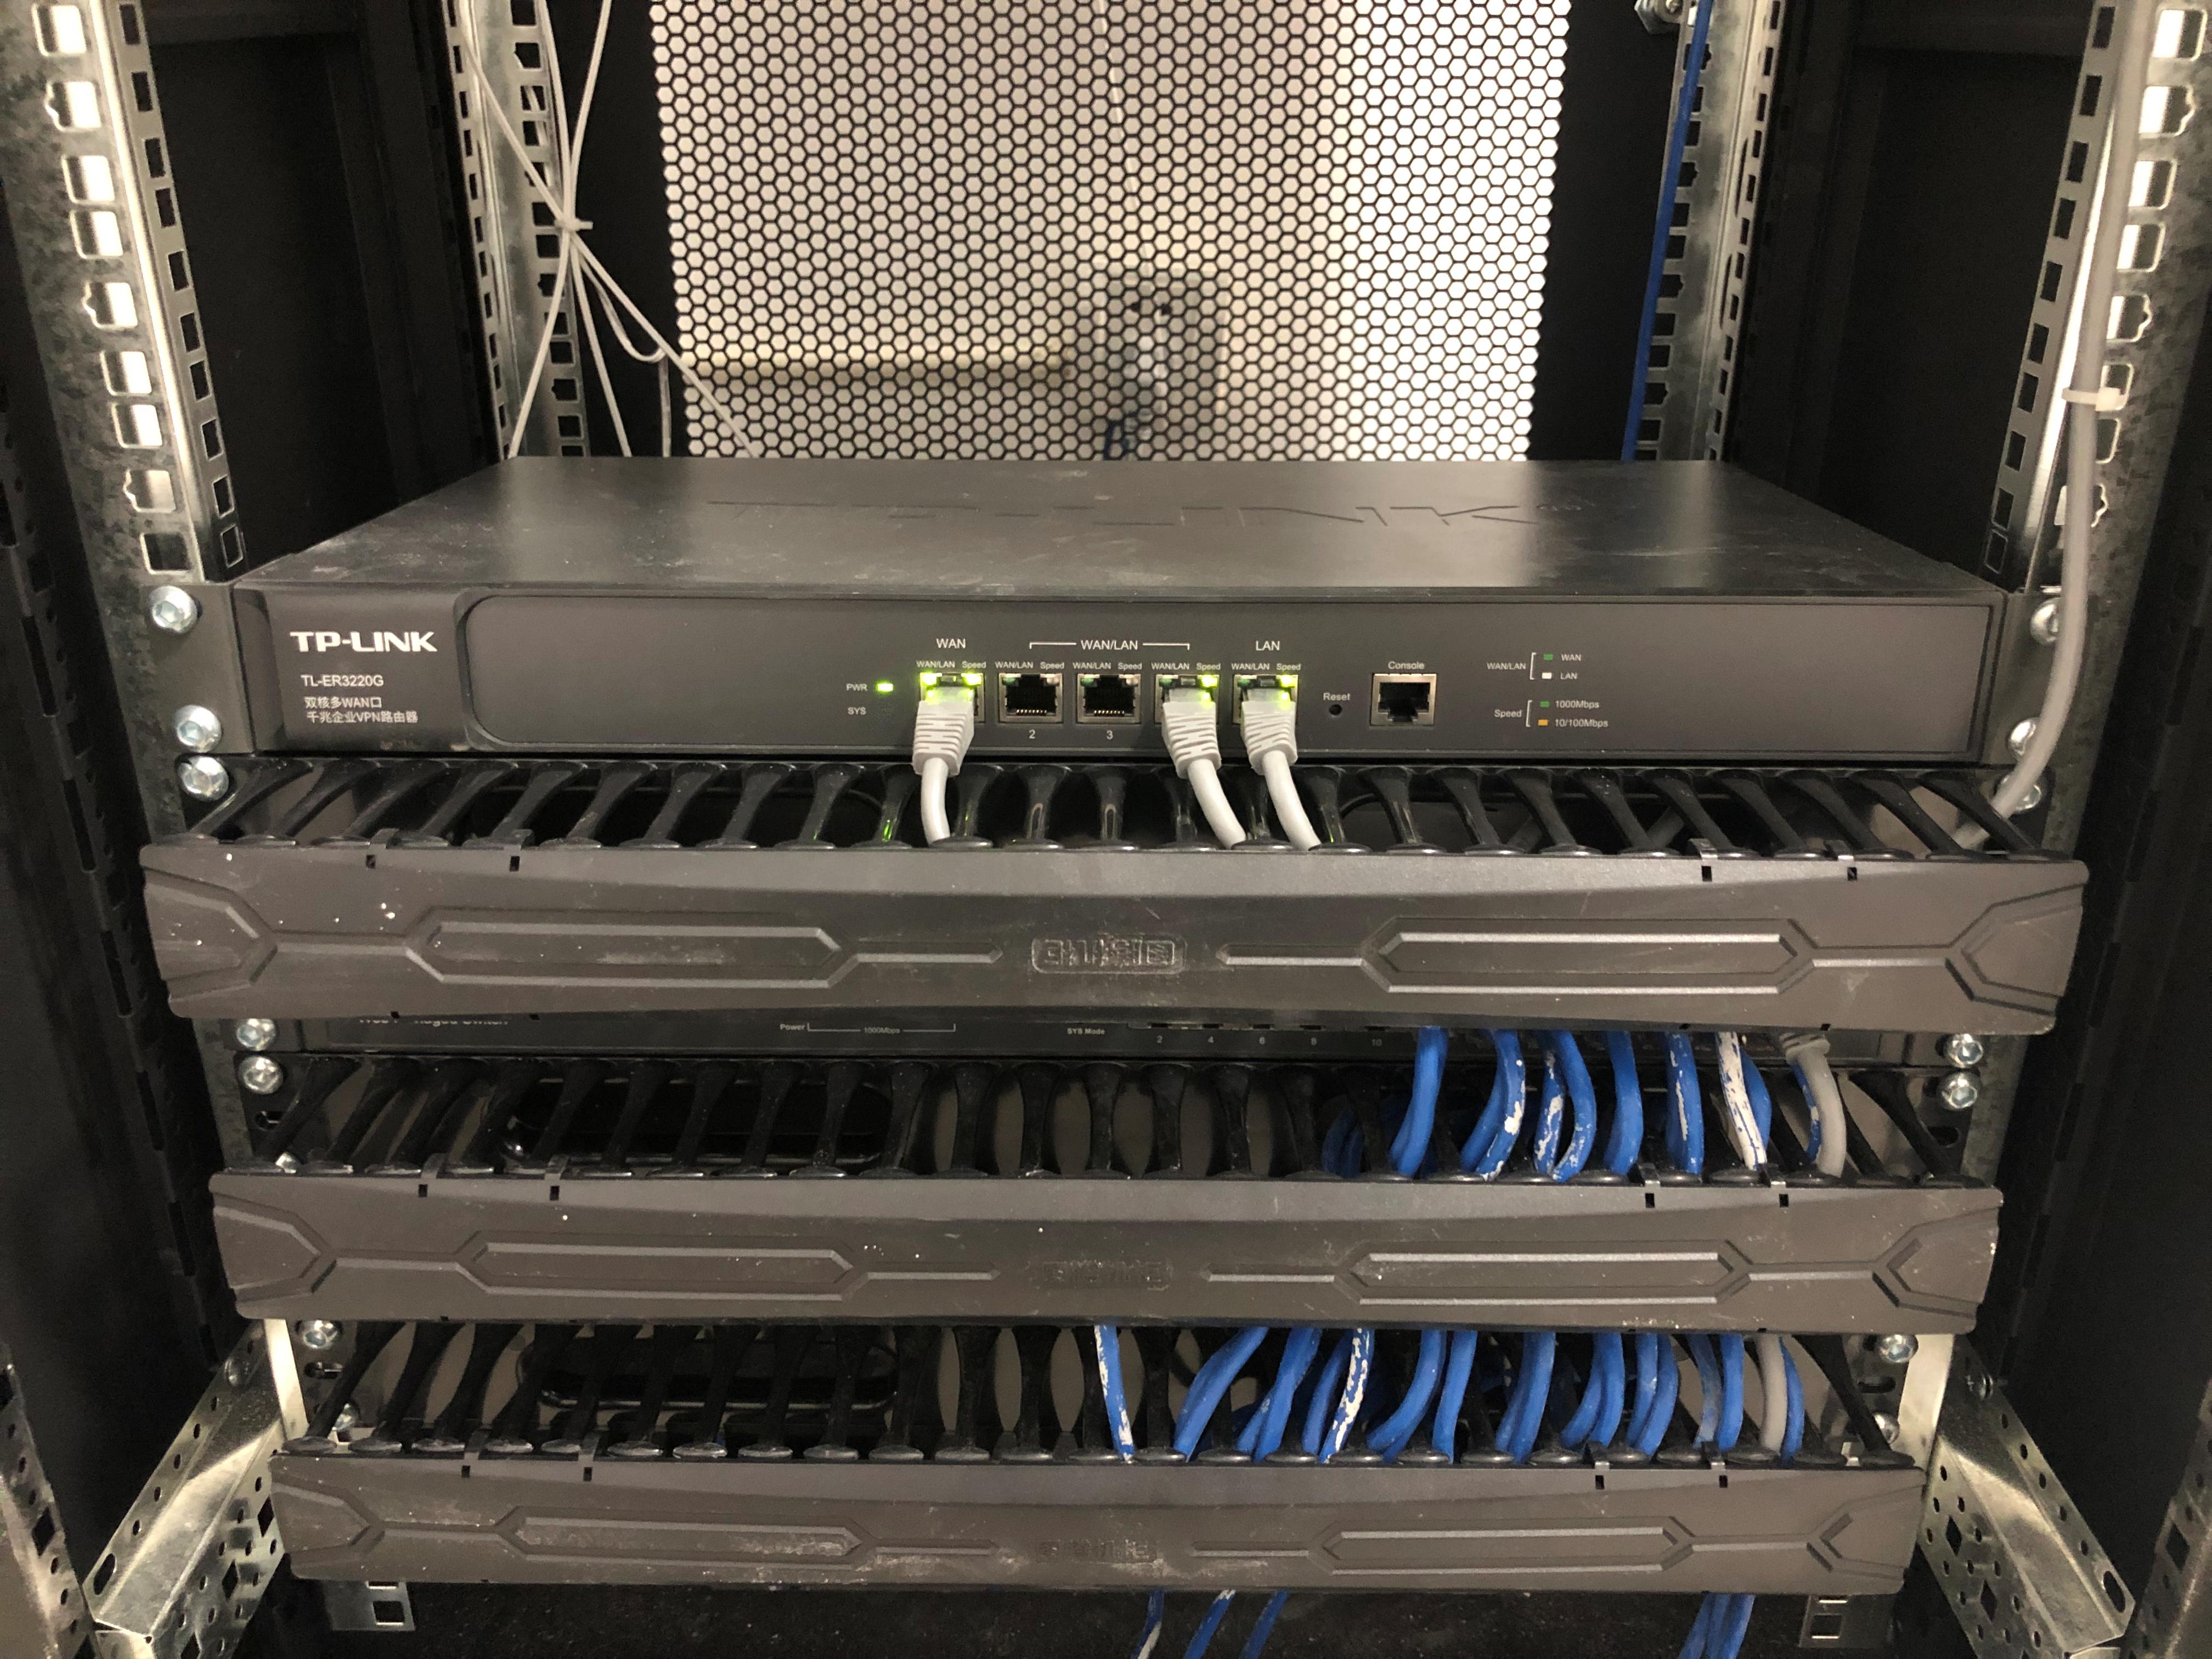 公司网络不稳定,上门维修人说,电脑IP地址动态不稳定要改为静态